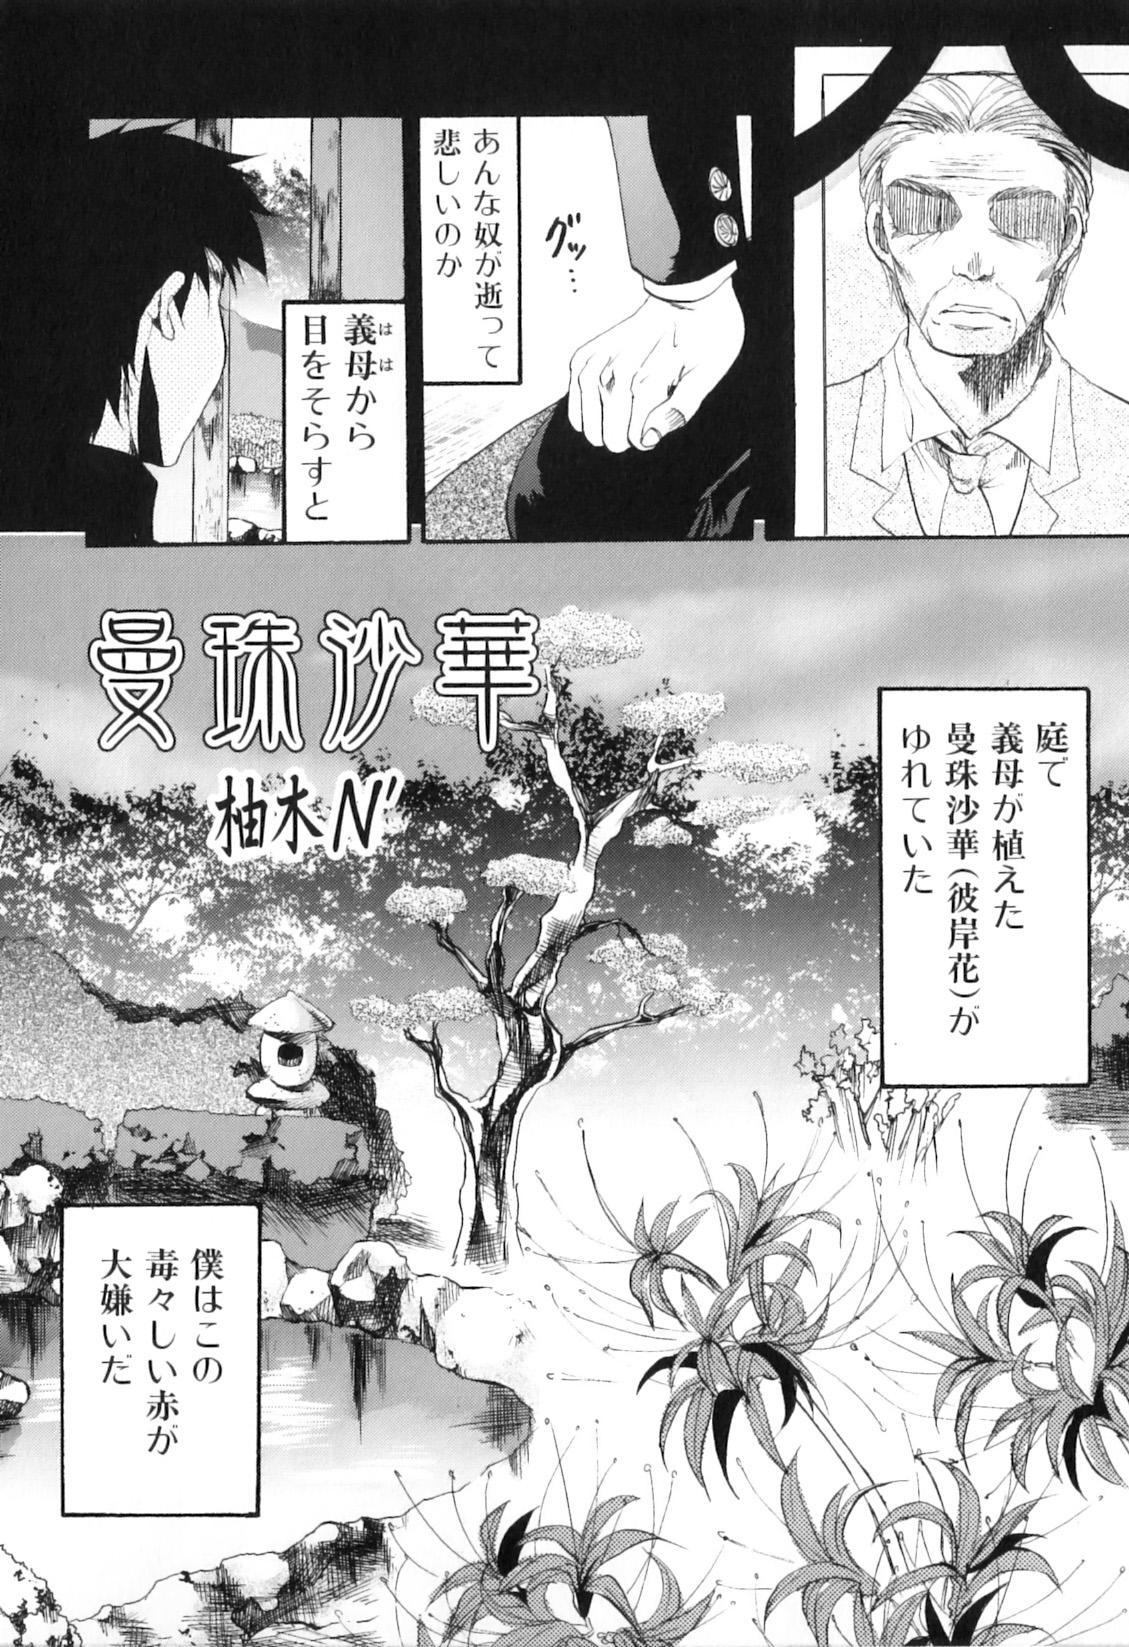 Yokujou Boshi - Desire Mother and Child 99